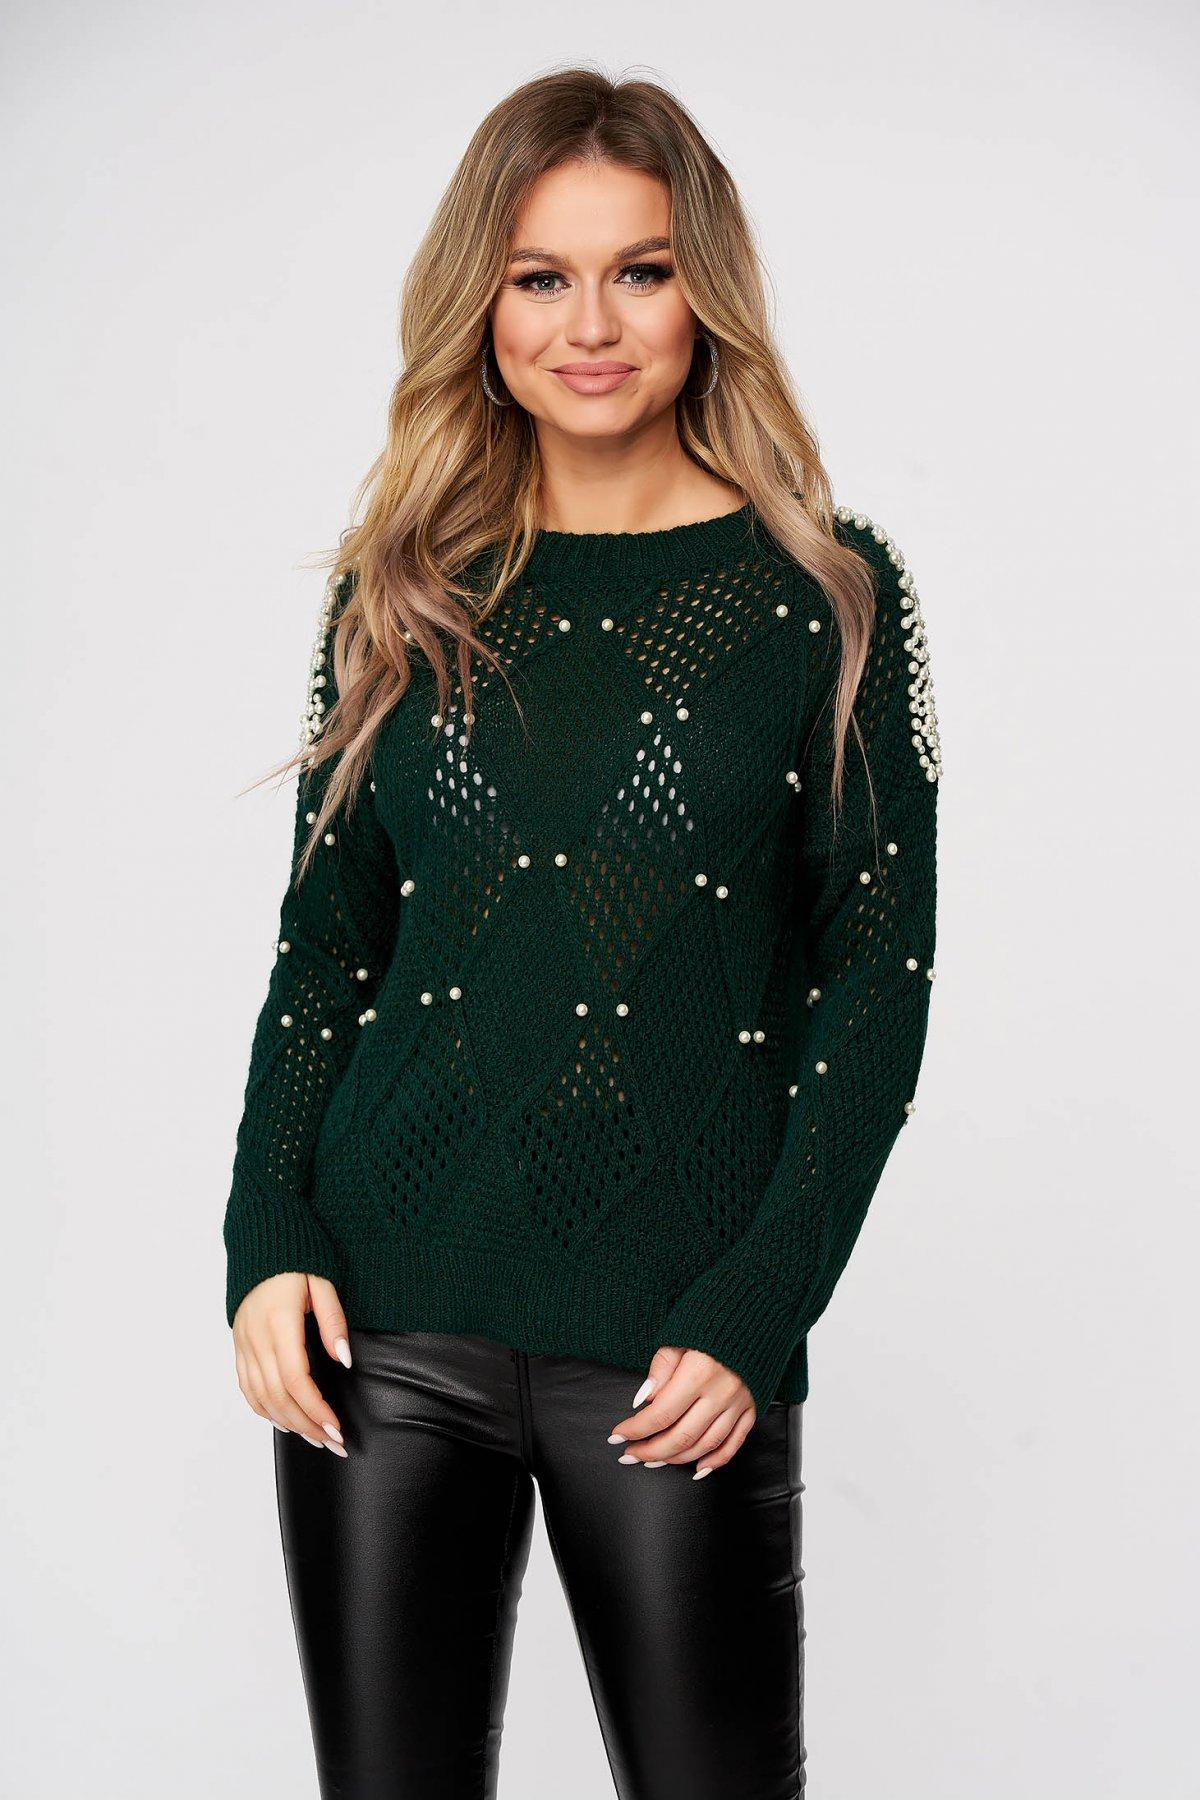 Pulover SunShine verde casual tricotat cu croi larg si aplicatii cu perle